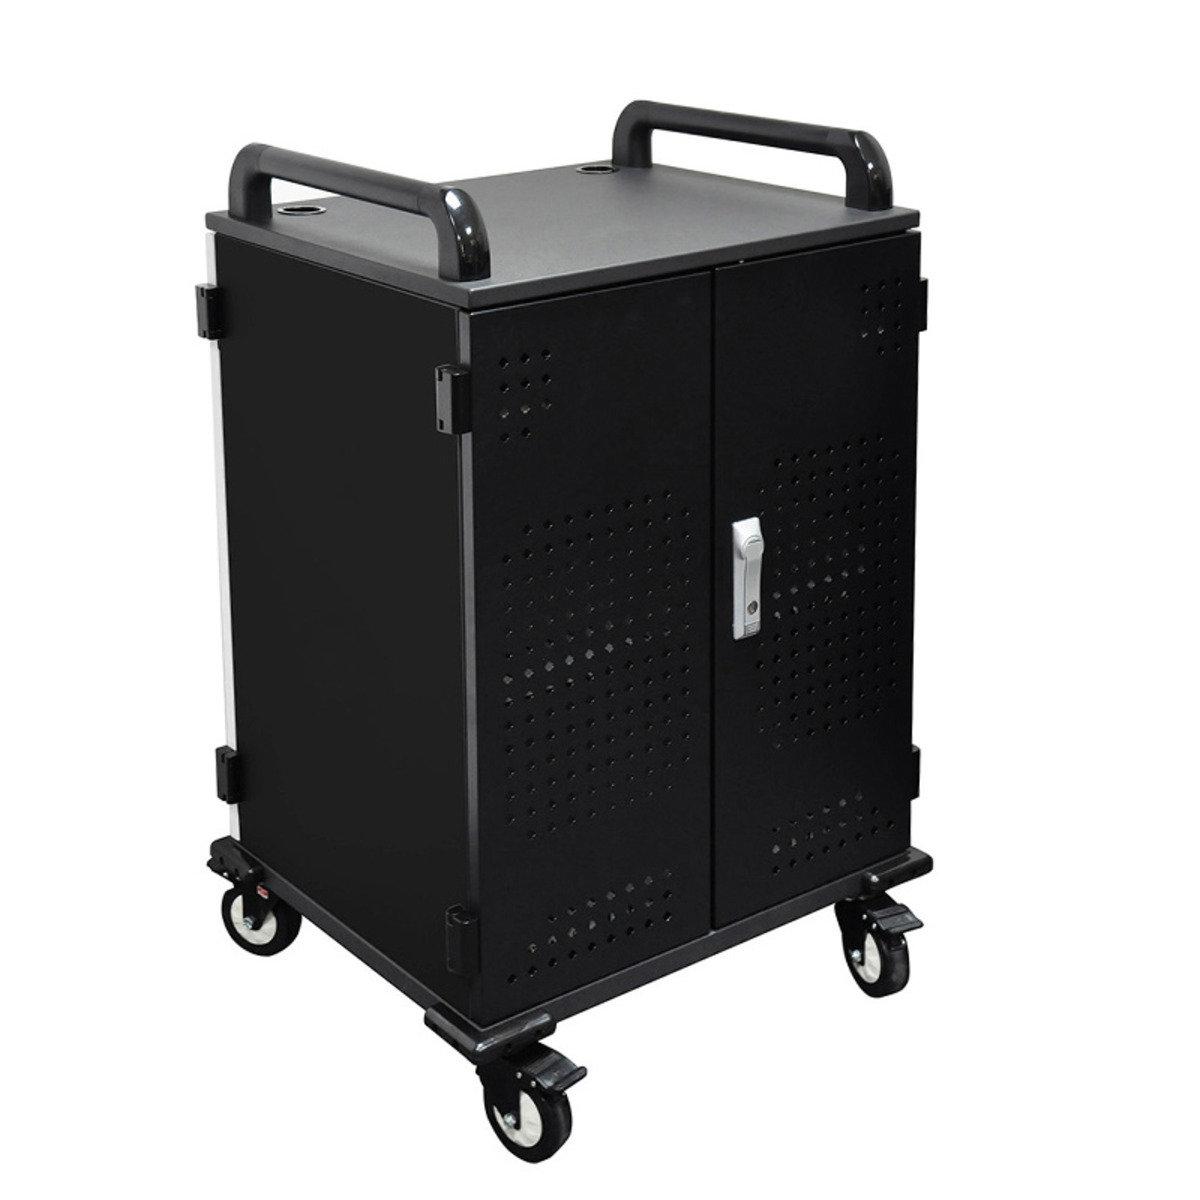 多用途管理流動充電車 (AMC-1340-UK)